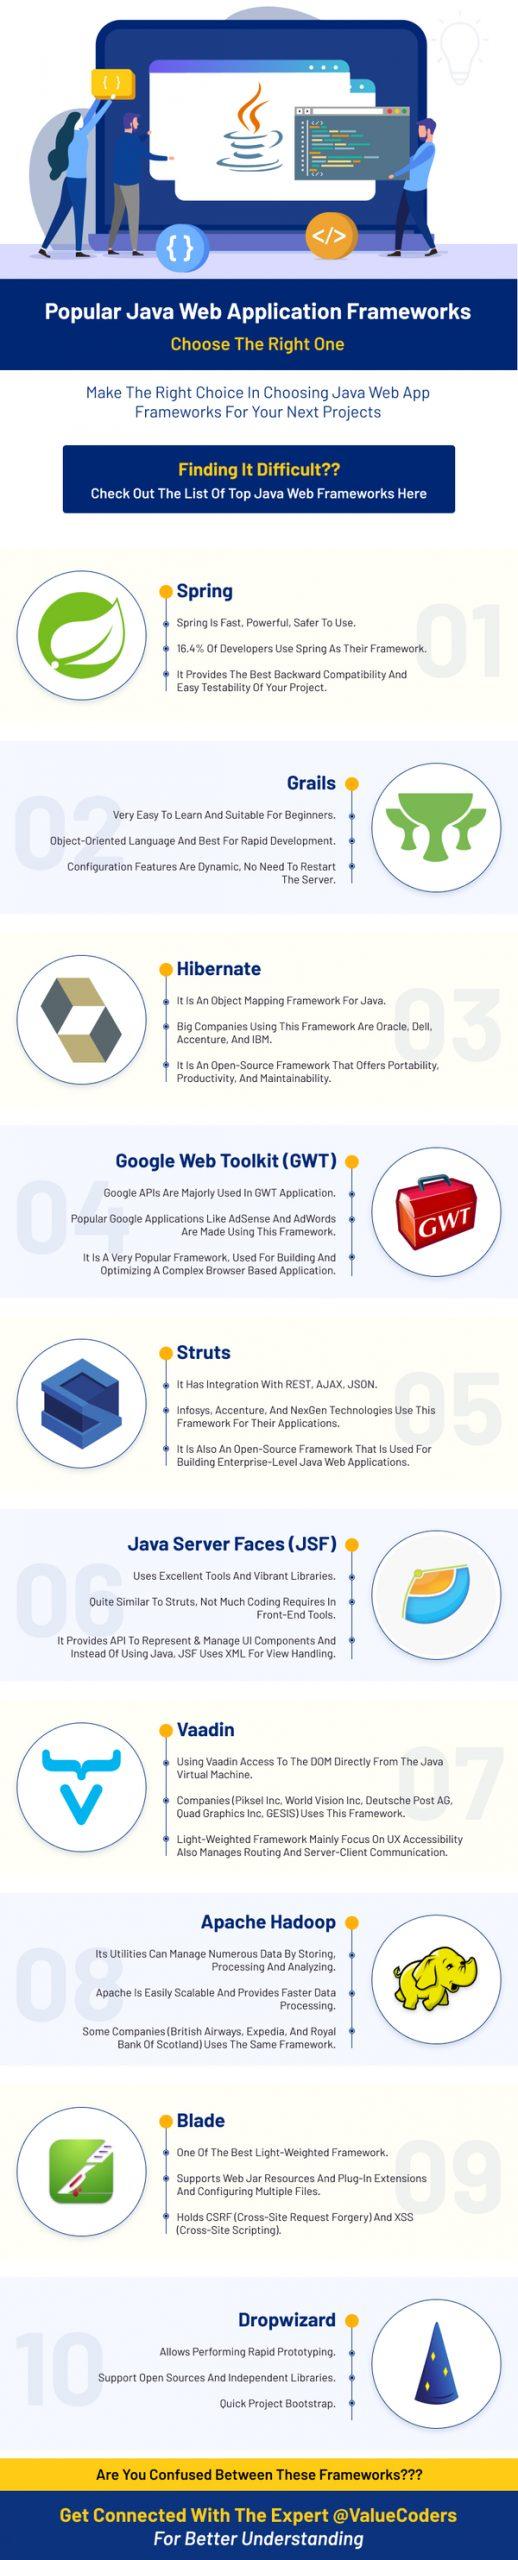 Popular Java Web Application Frameworks